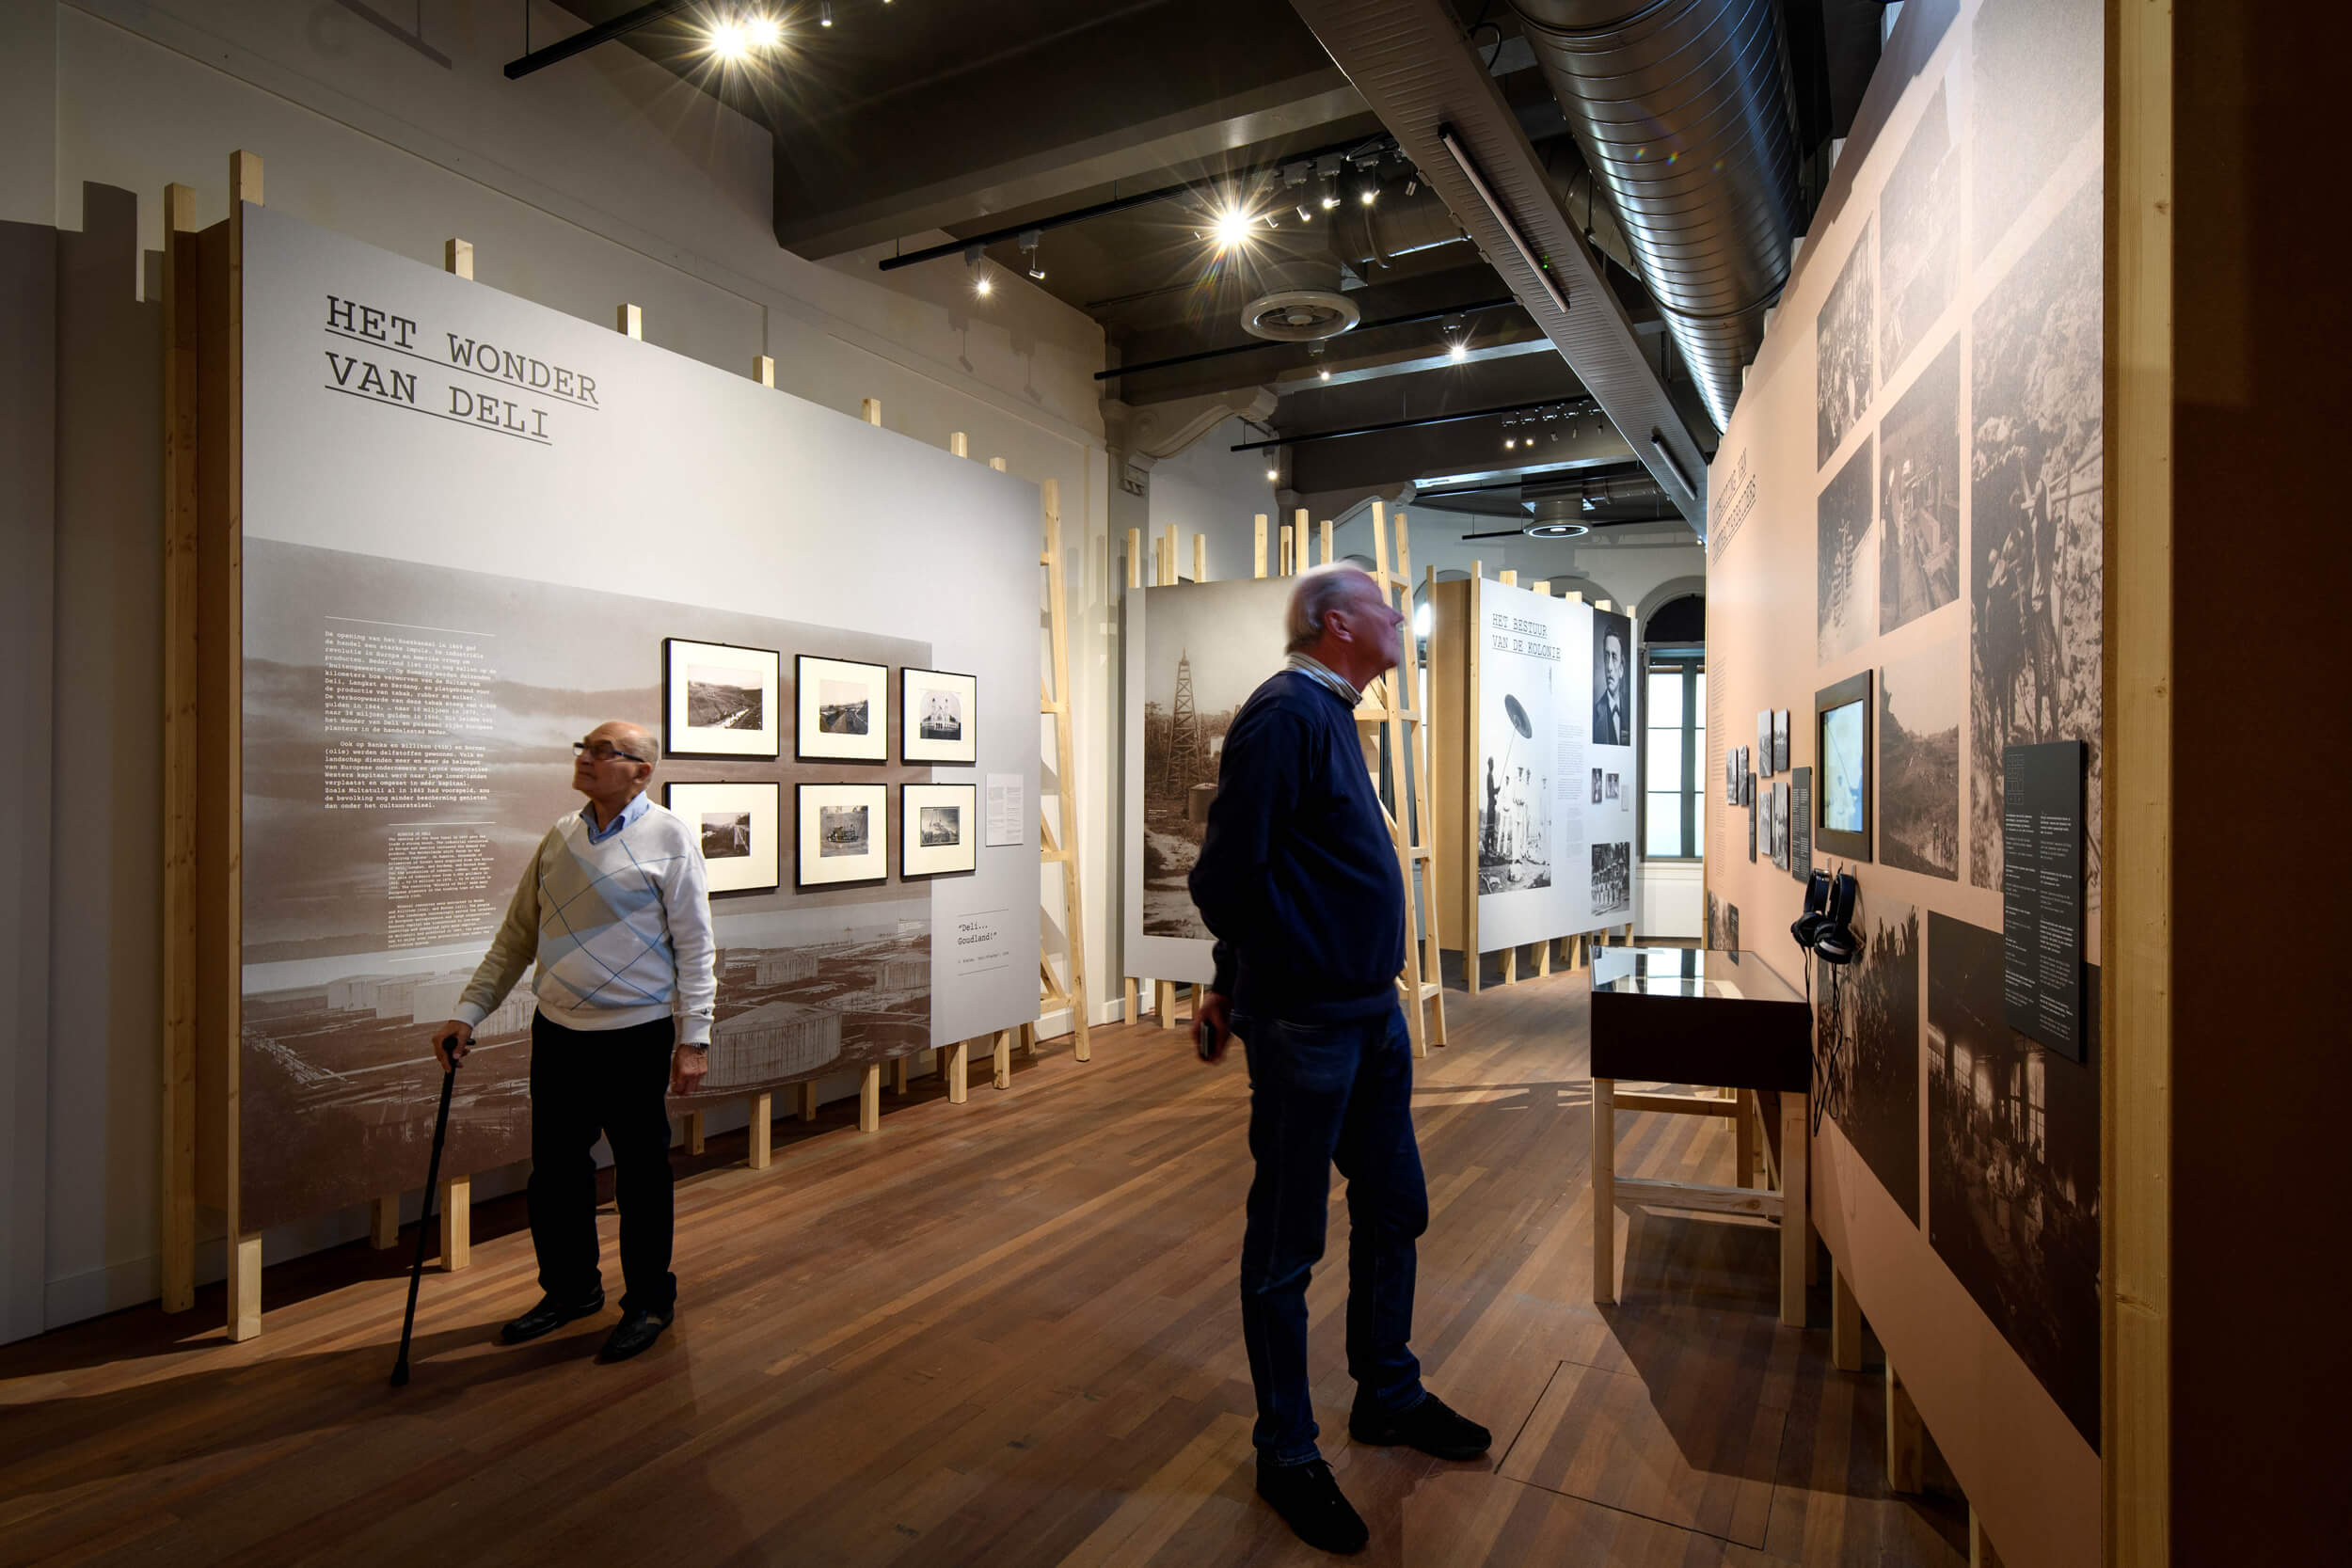 tentoonstellingsontwerp dossier indie wereldmuseum 7 jpg